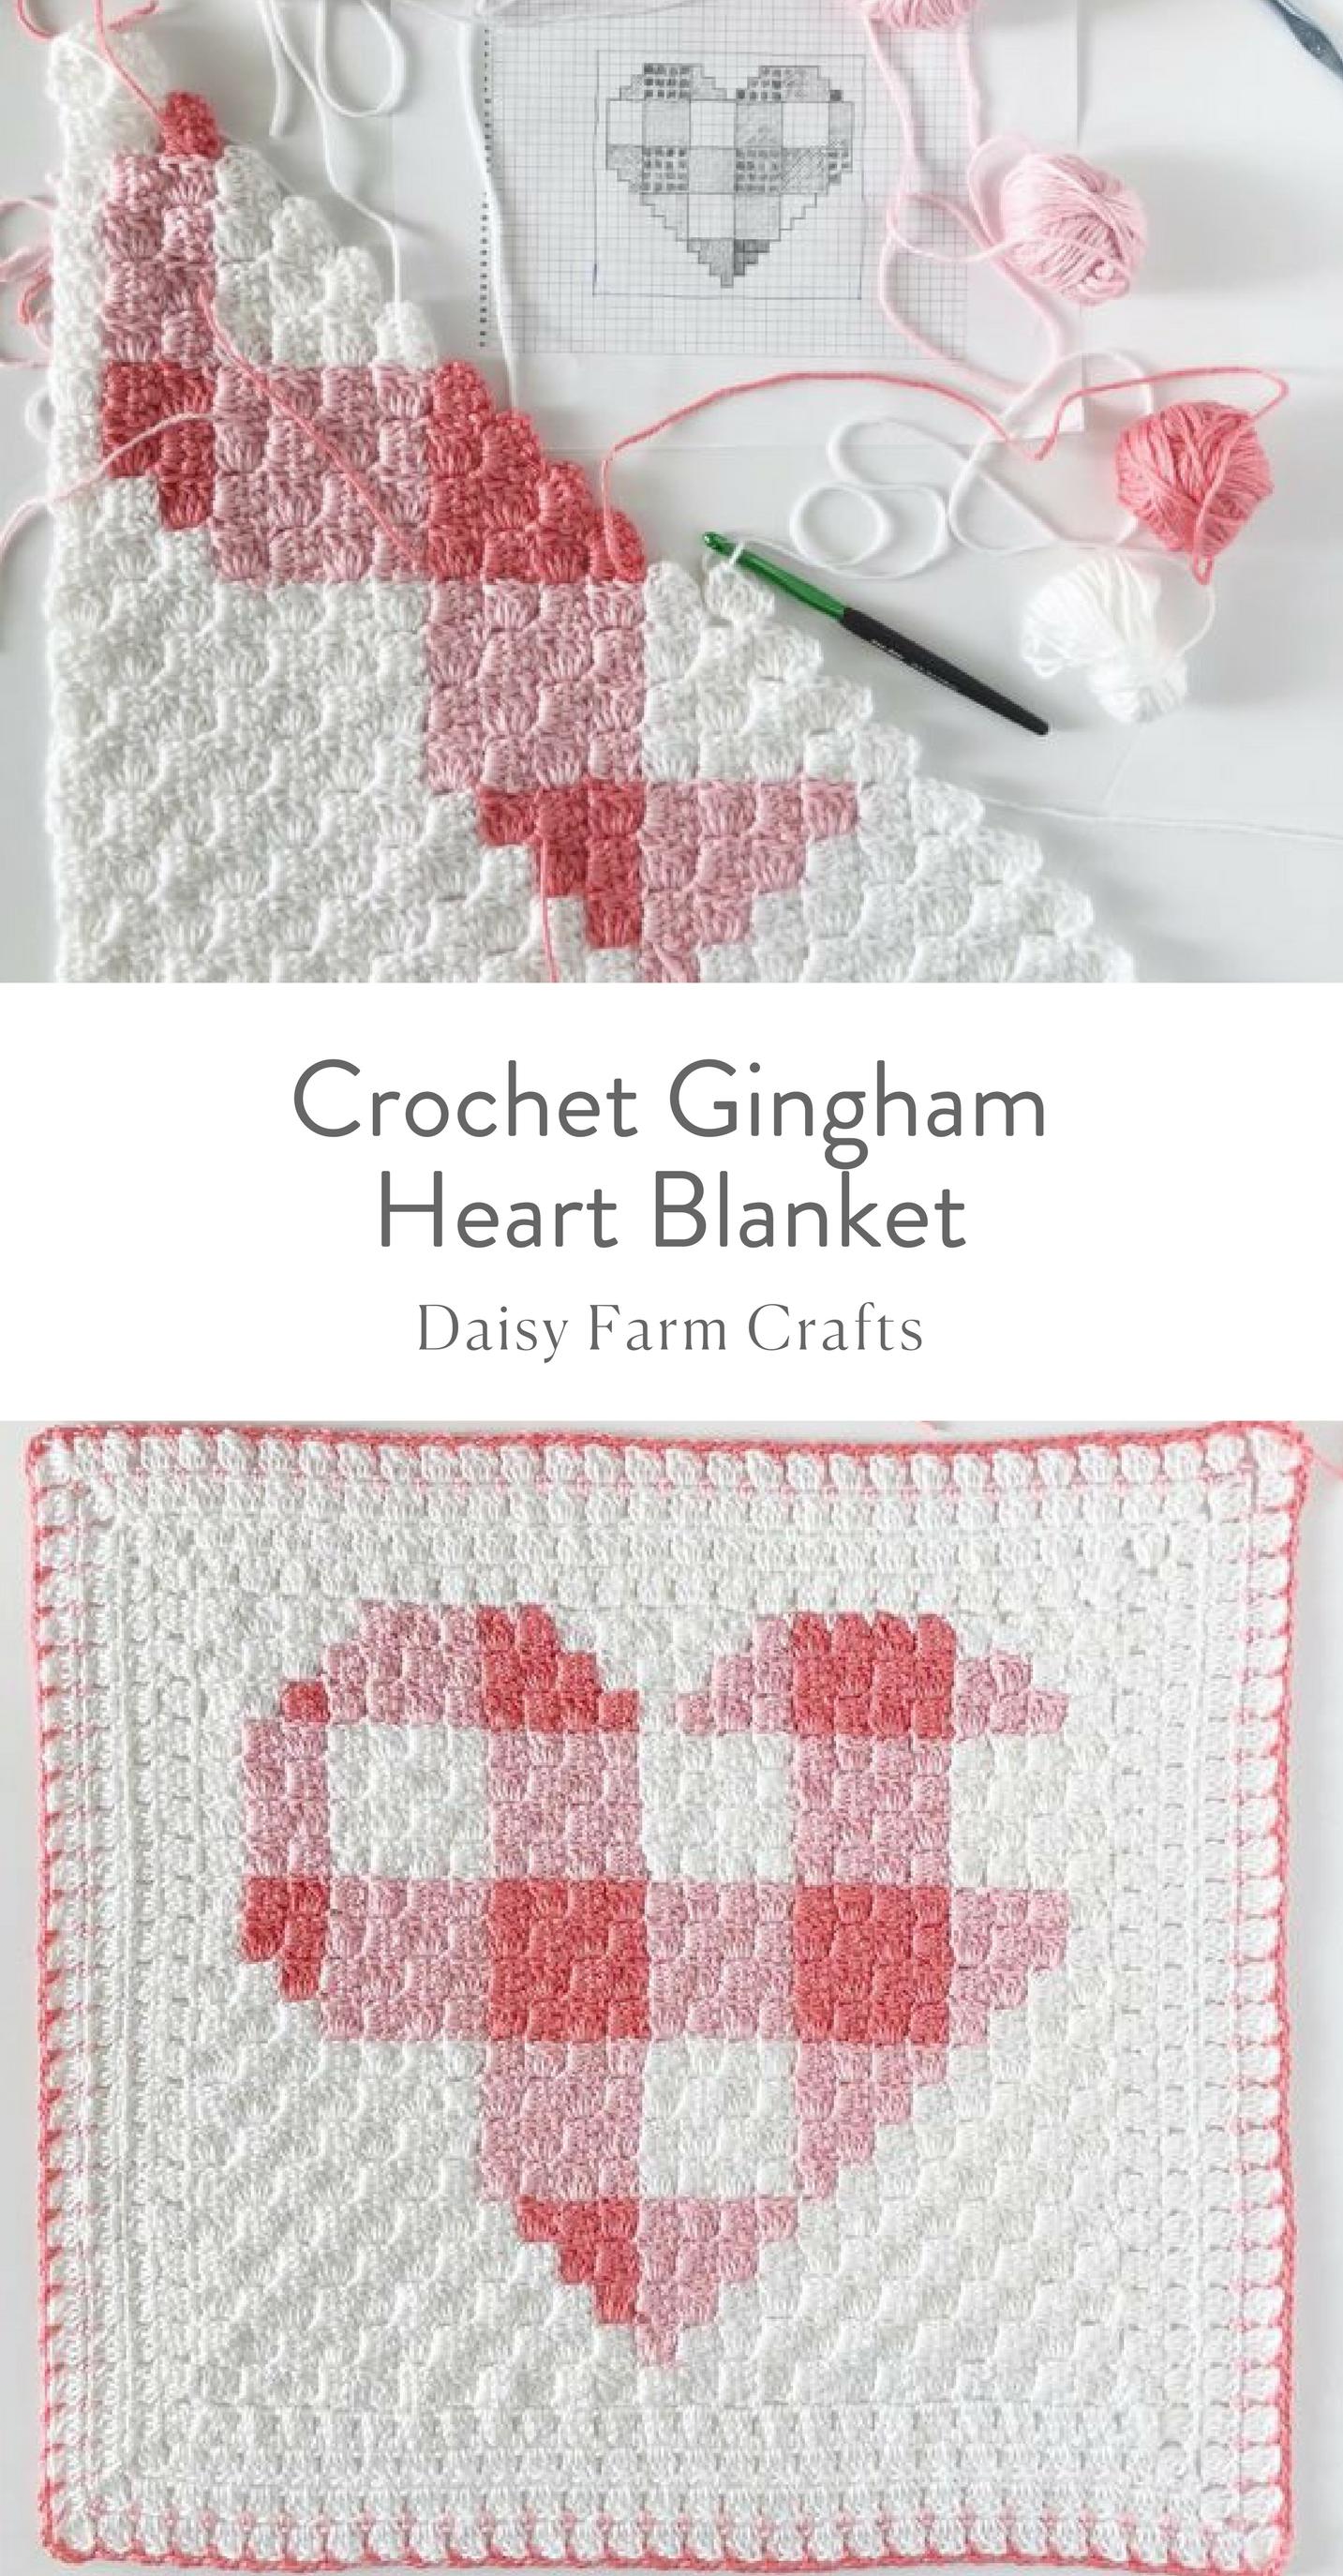 Free Pattern - Crochet Gingham Heart Blanket | Feeling Crafty ...